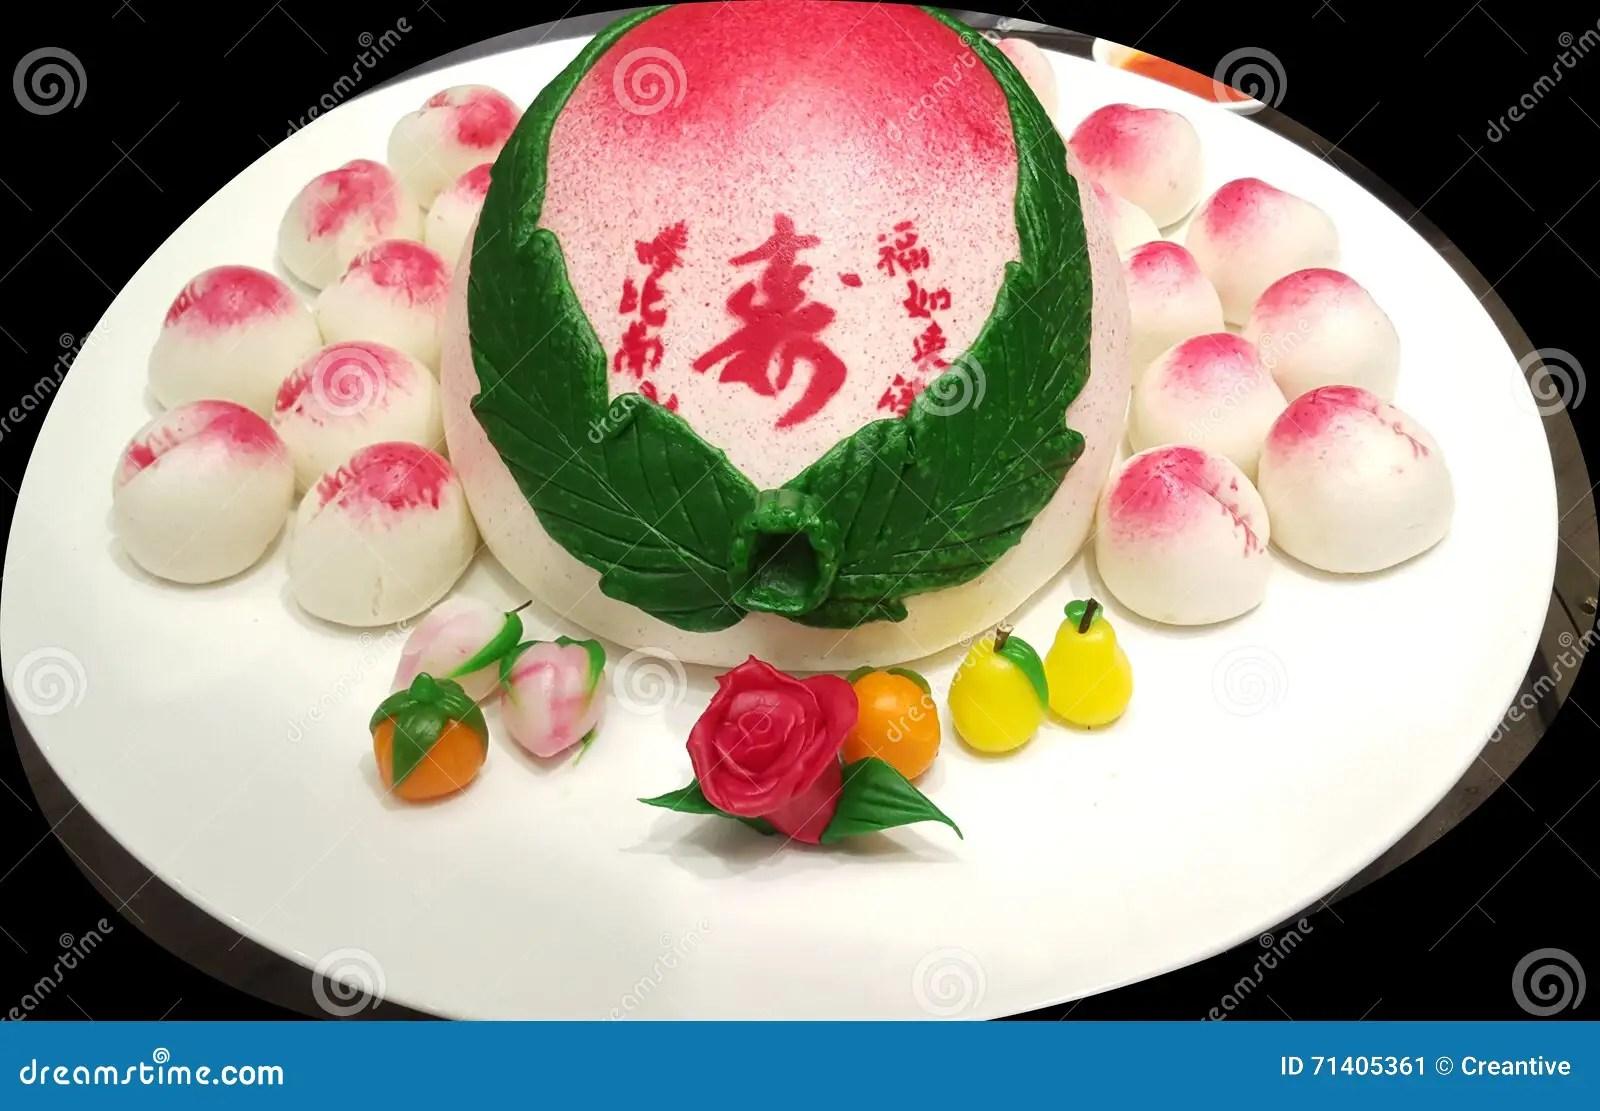 Chinese Birthday Cake Stock Photo Image 71405361